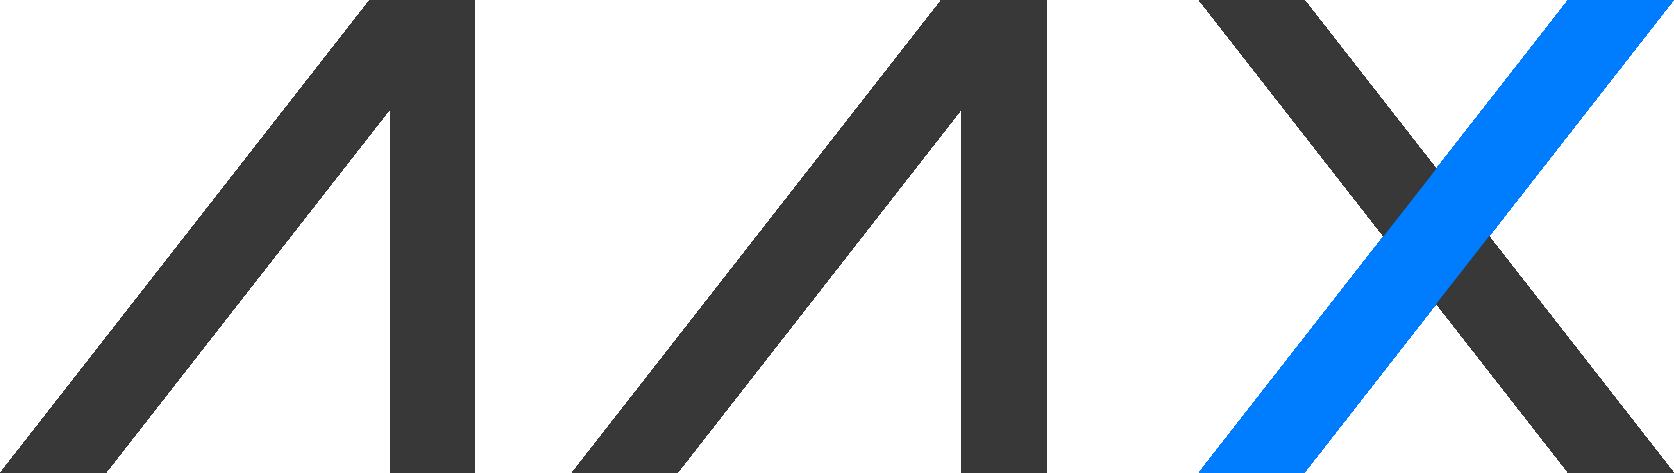 AAX logo